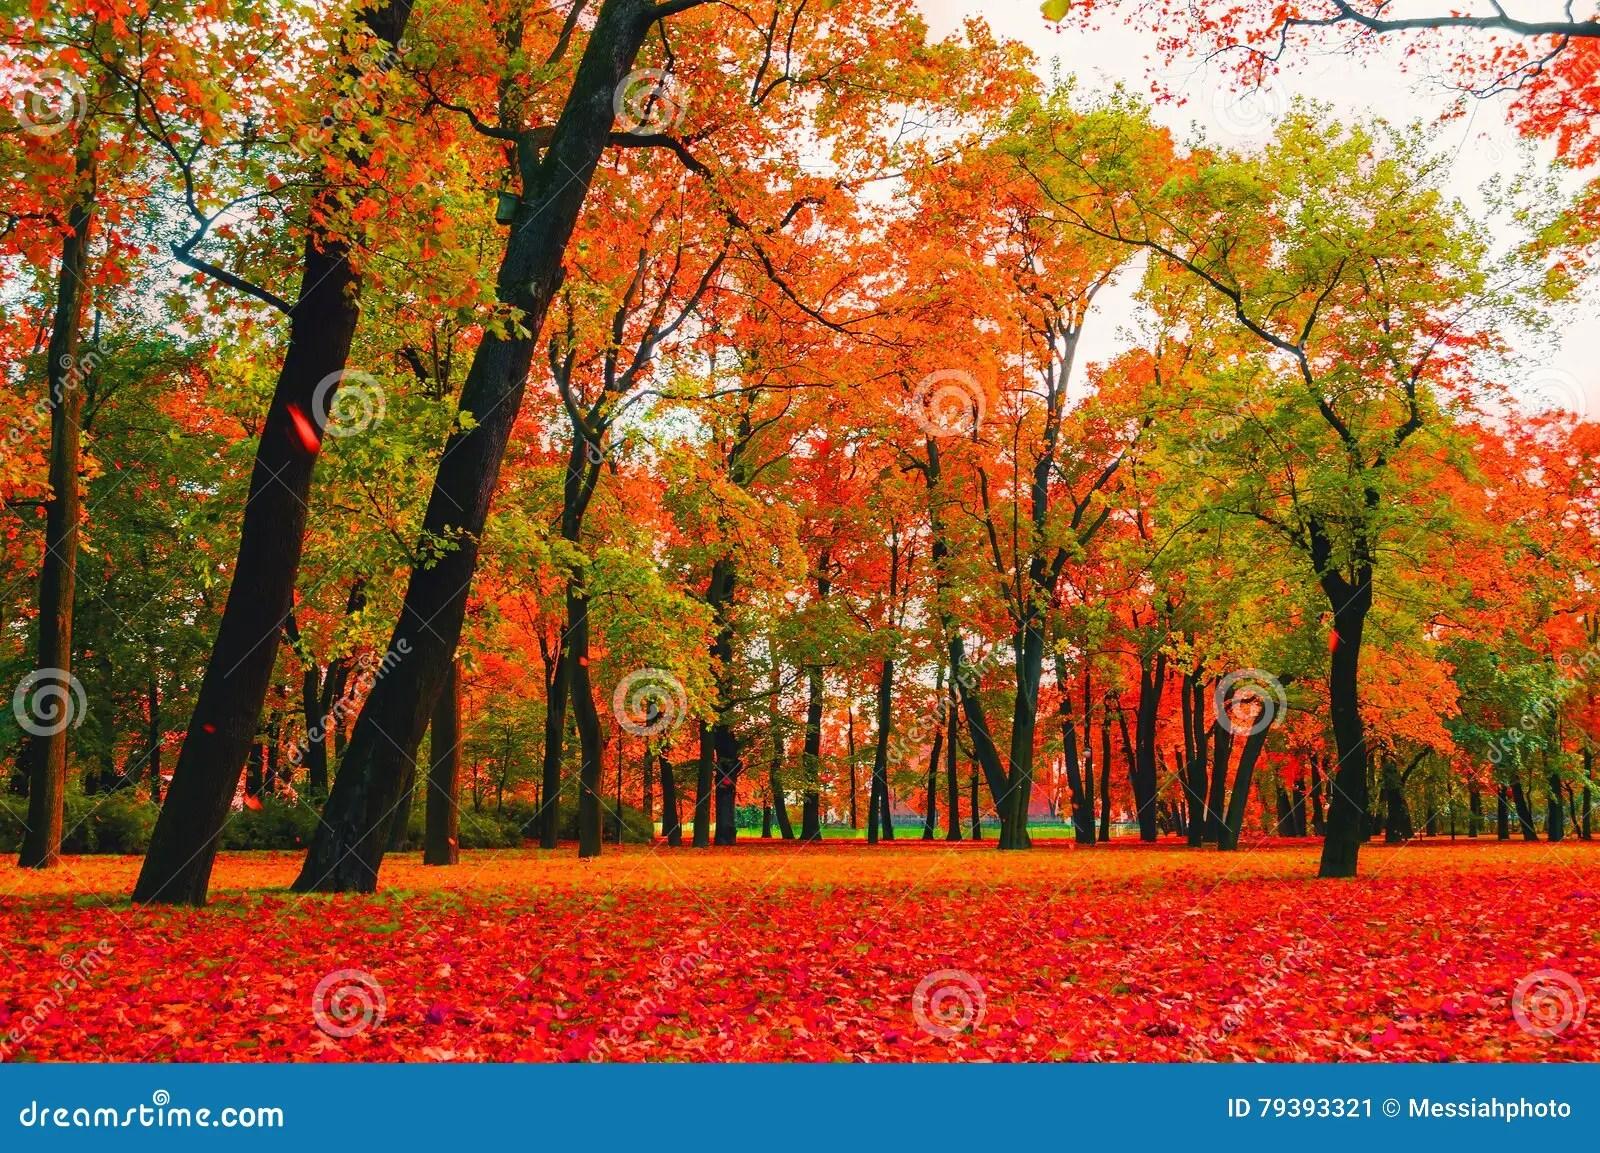 autumn bright nature red